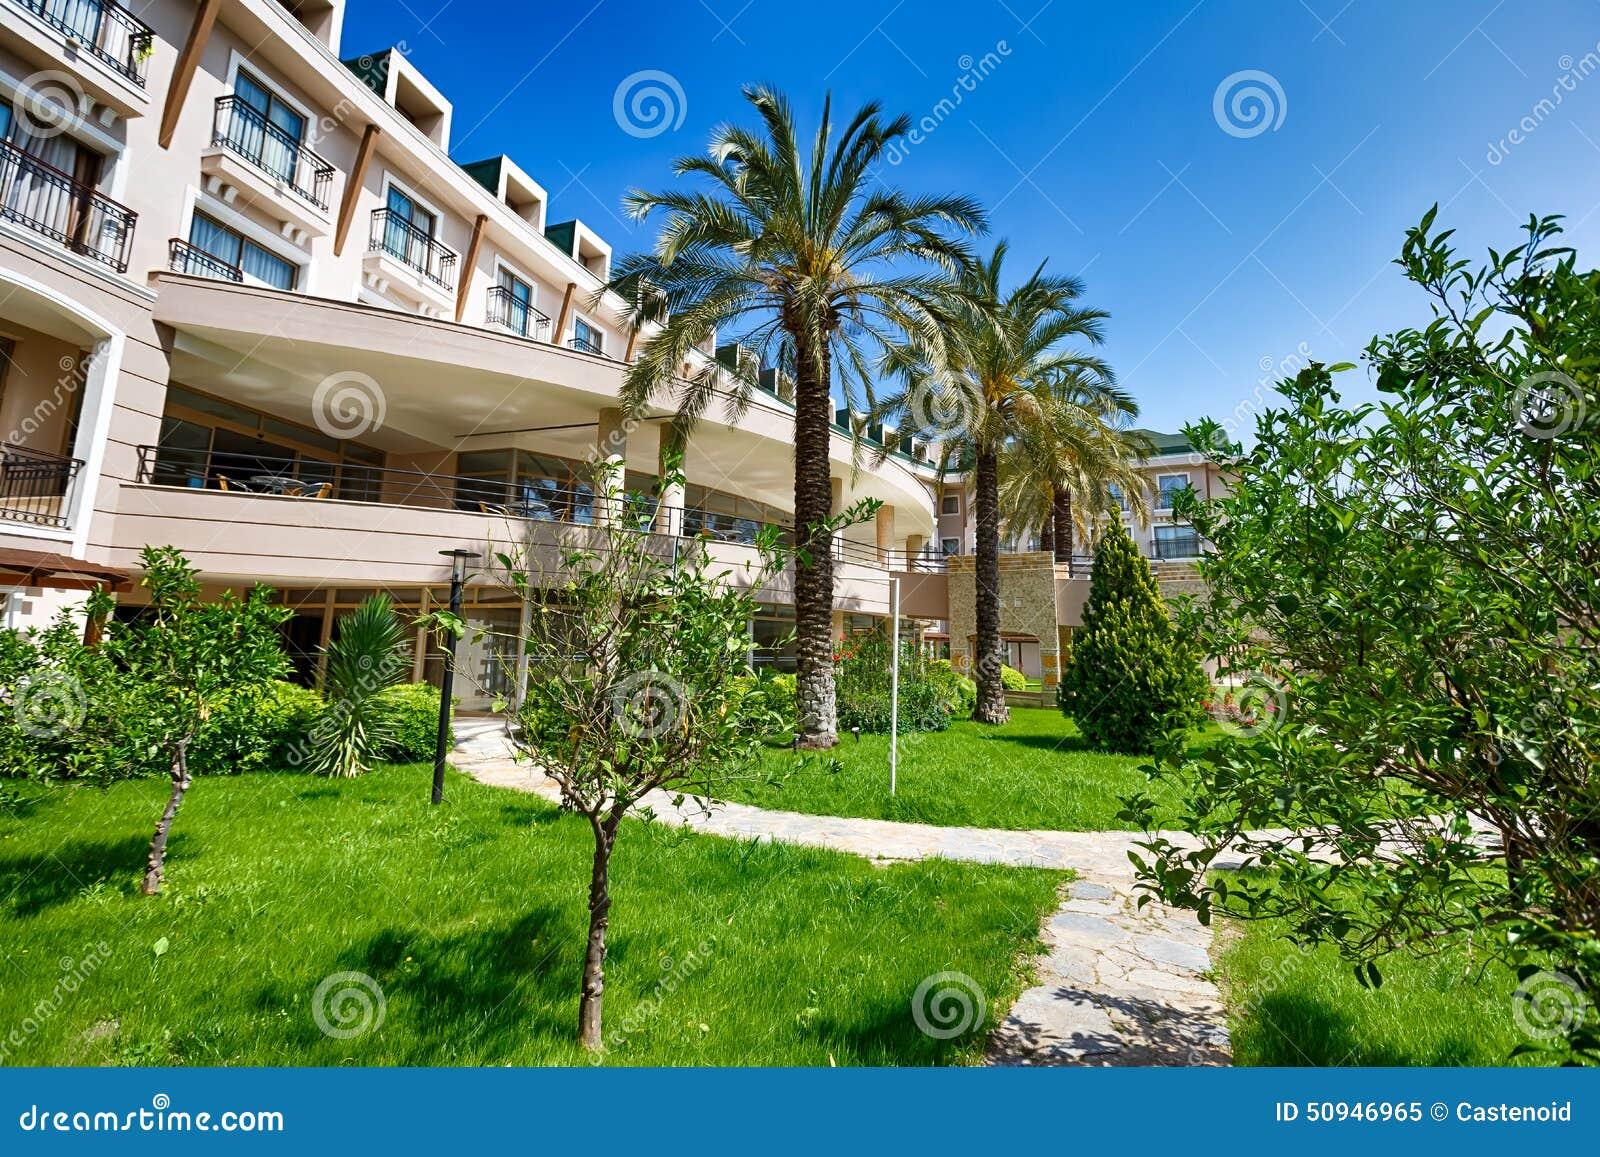 Hotel en un jard n foto de archivo imagen 50946965 for Hotel ciudad jardin